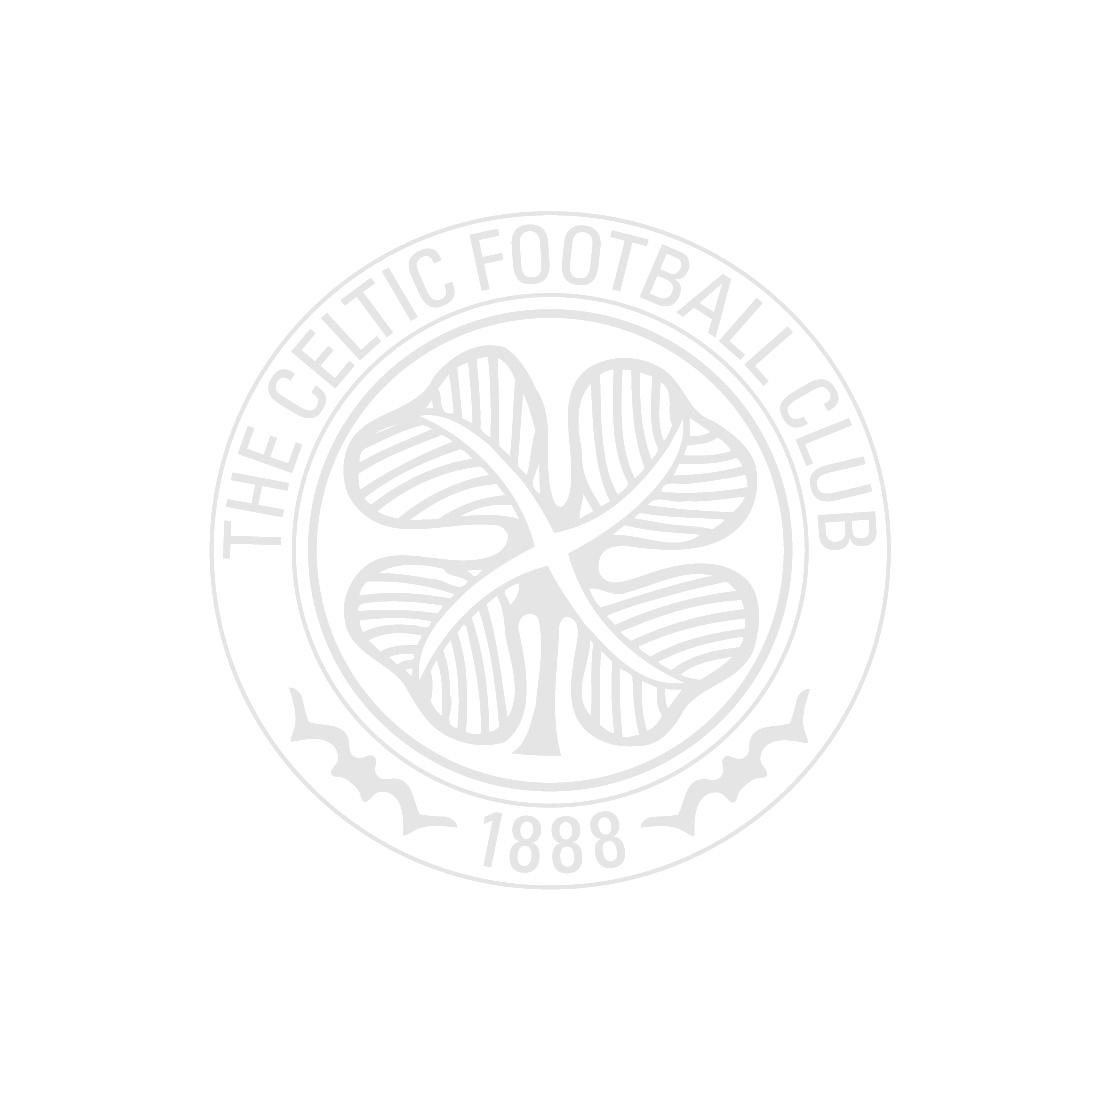 Celtic Womens 1888 Square Print T-shirt